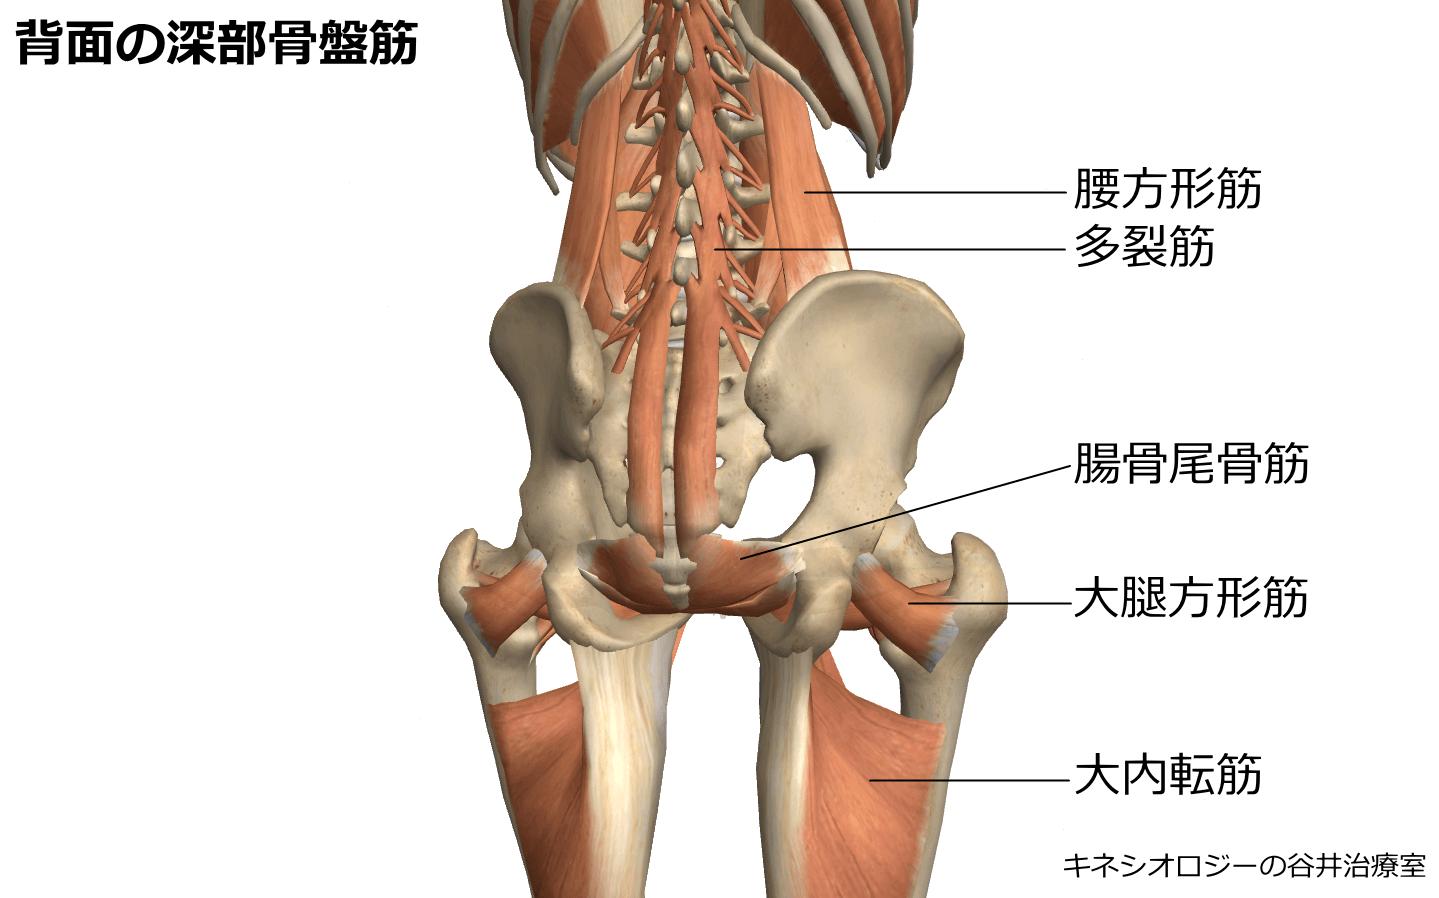 札幌ぎっくり腰整体治療院 谷井治療室 腰方形筋イラスト